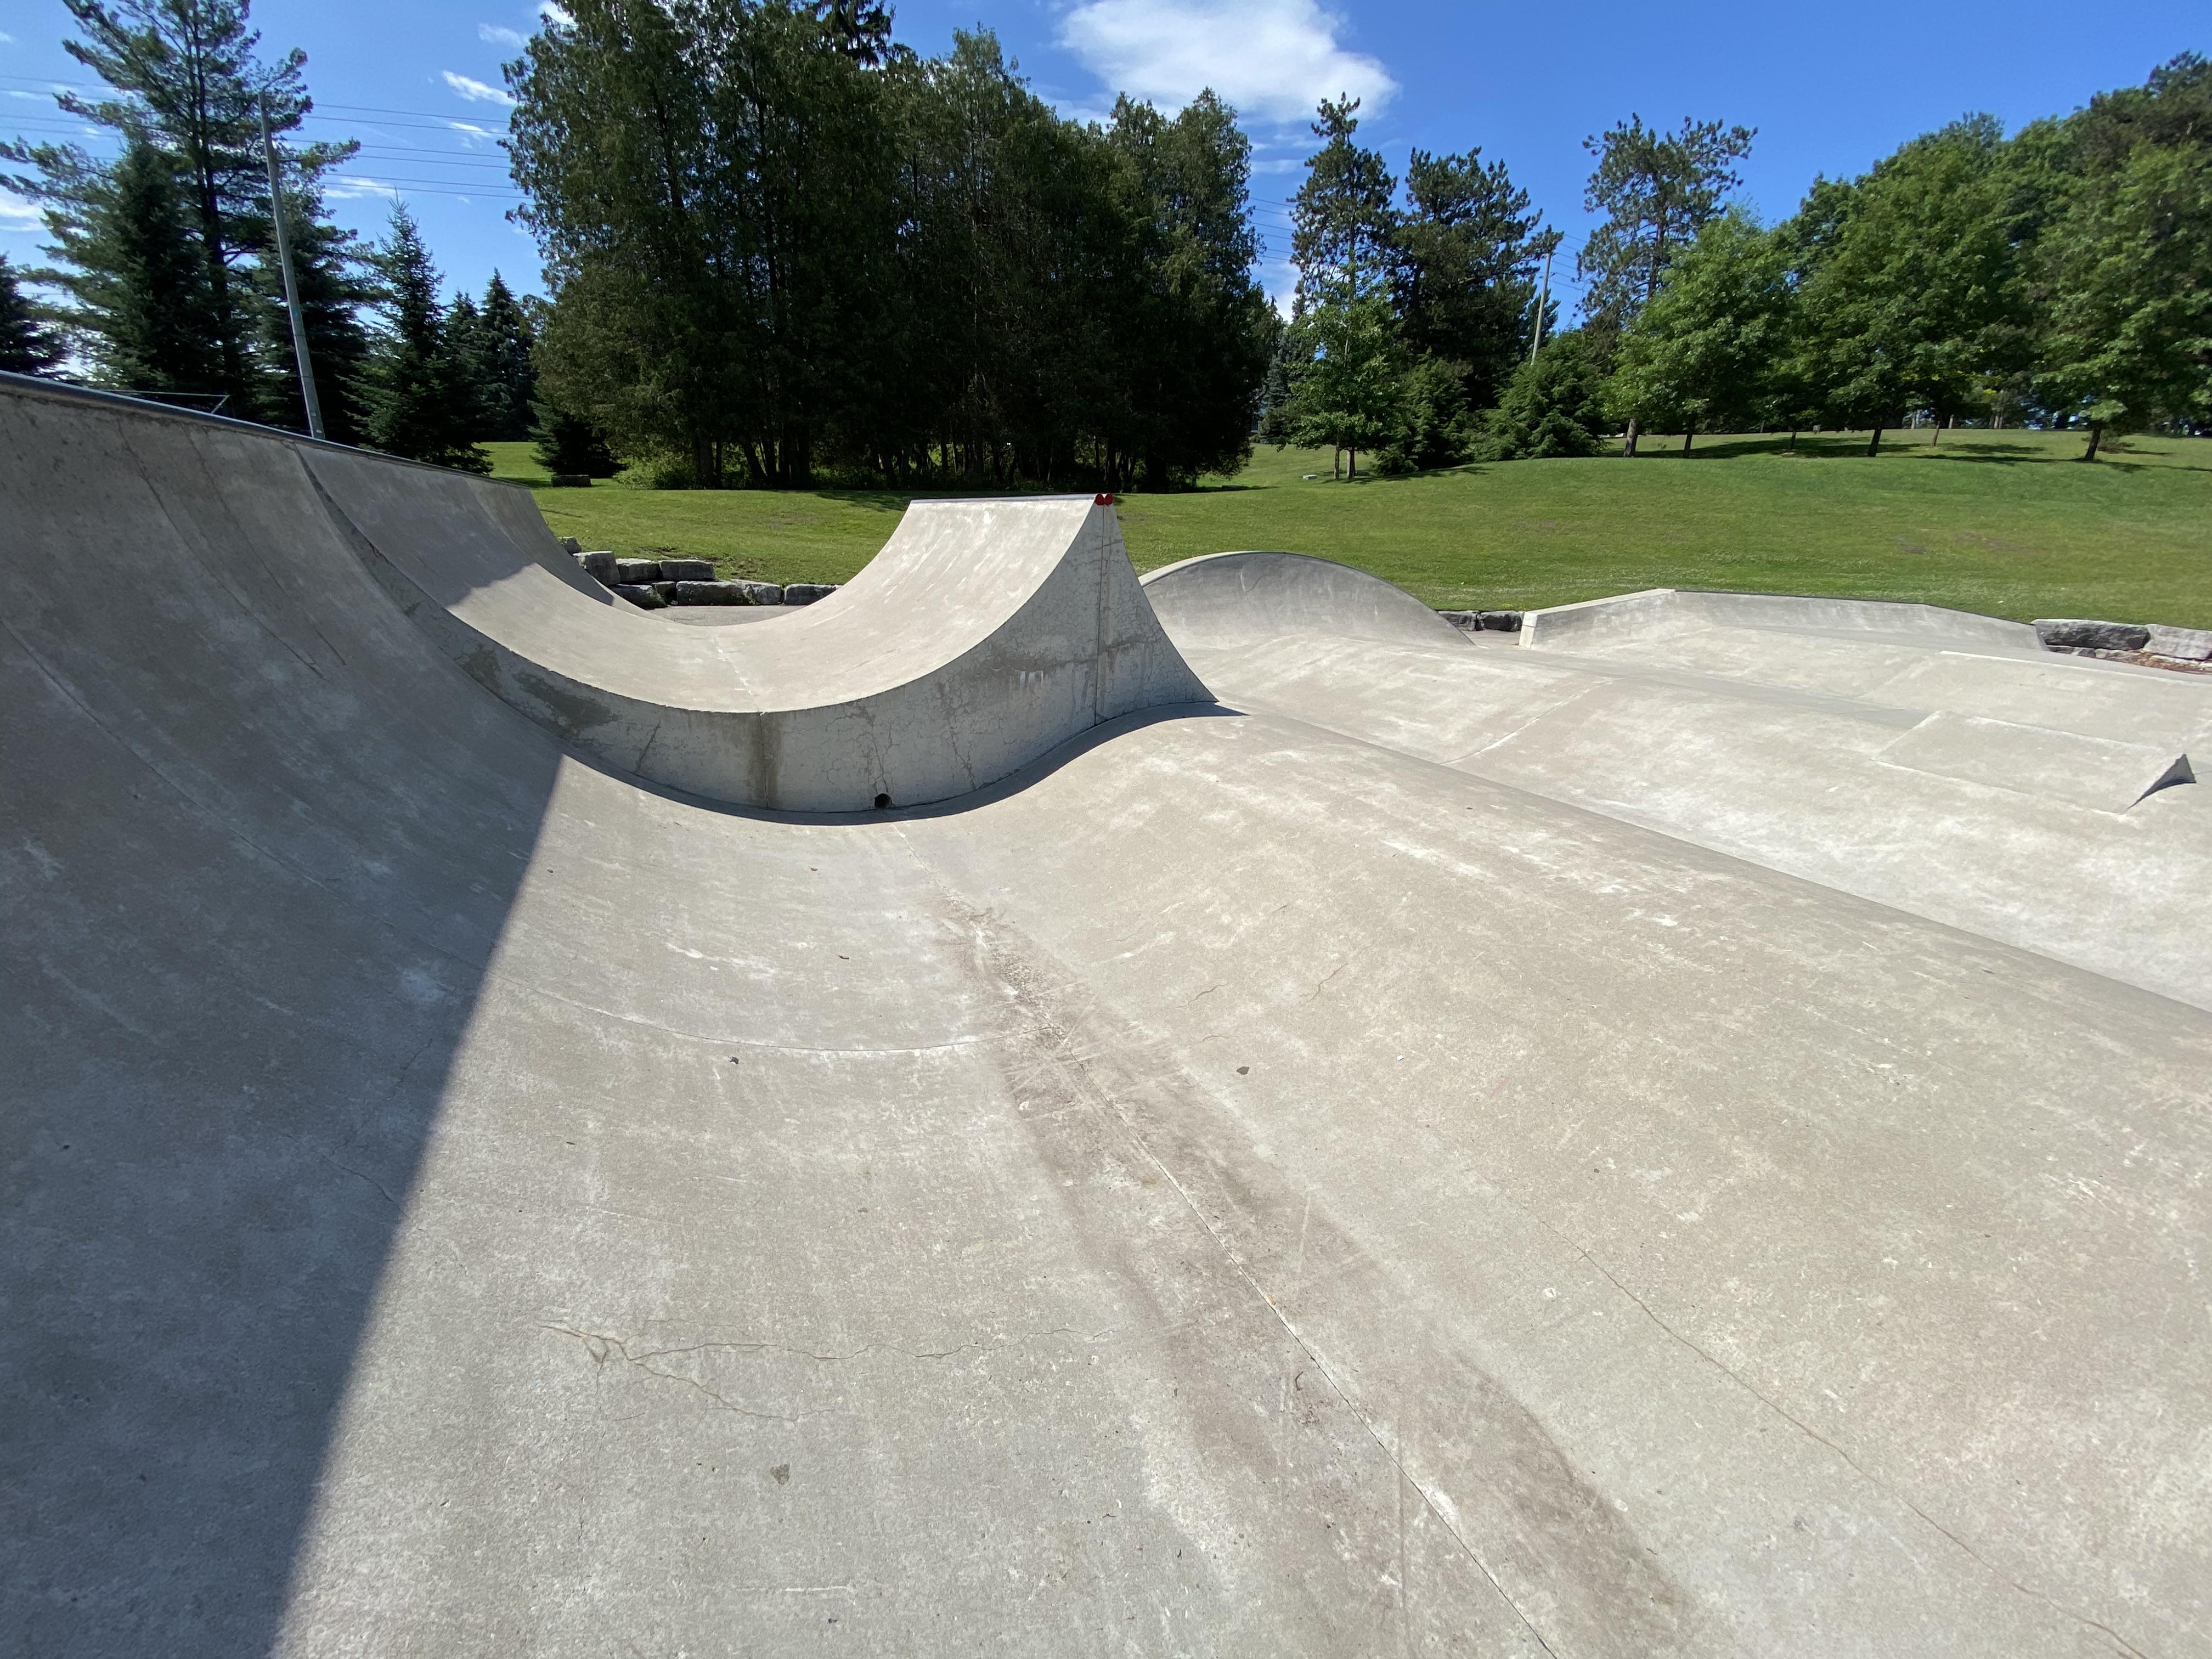 woodstock skatepark spine